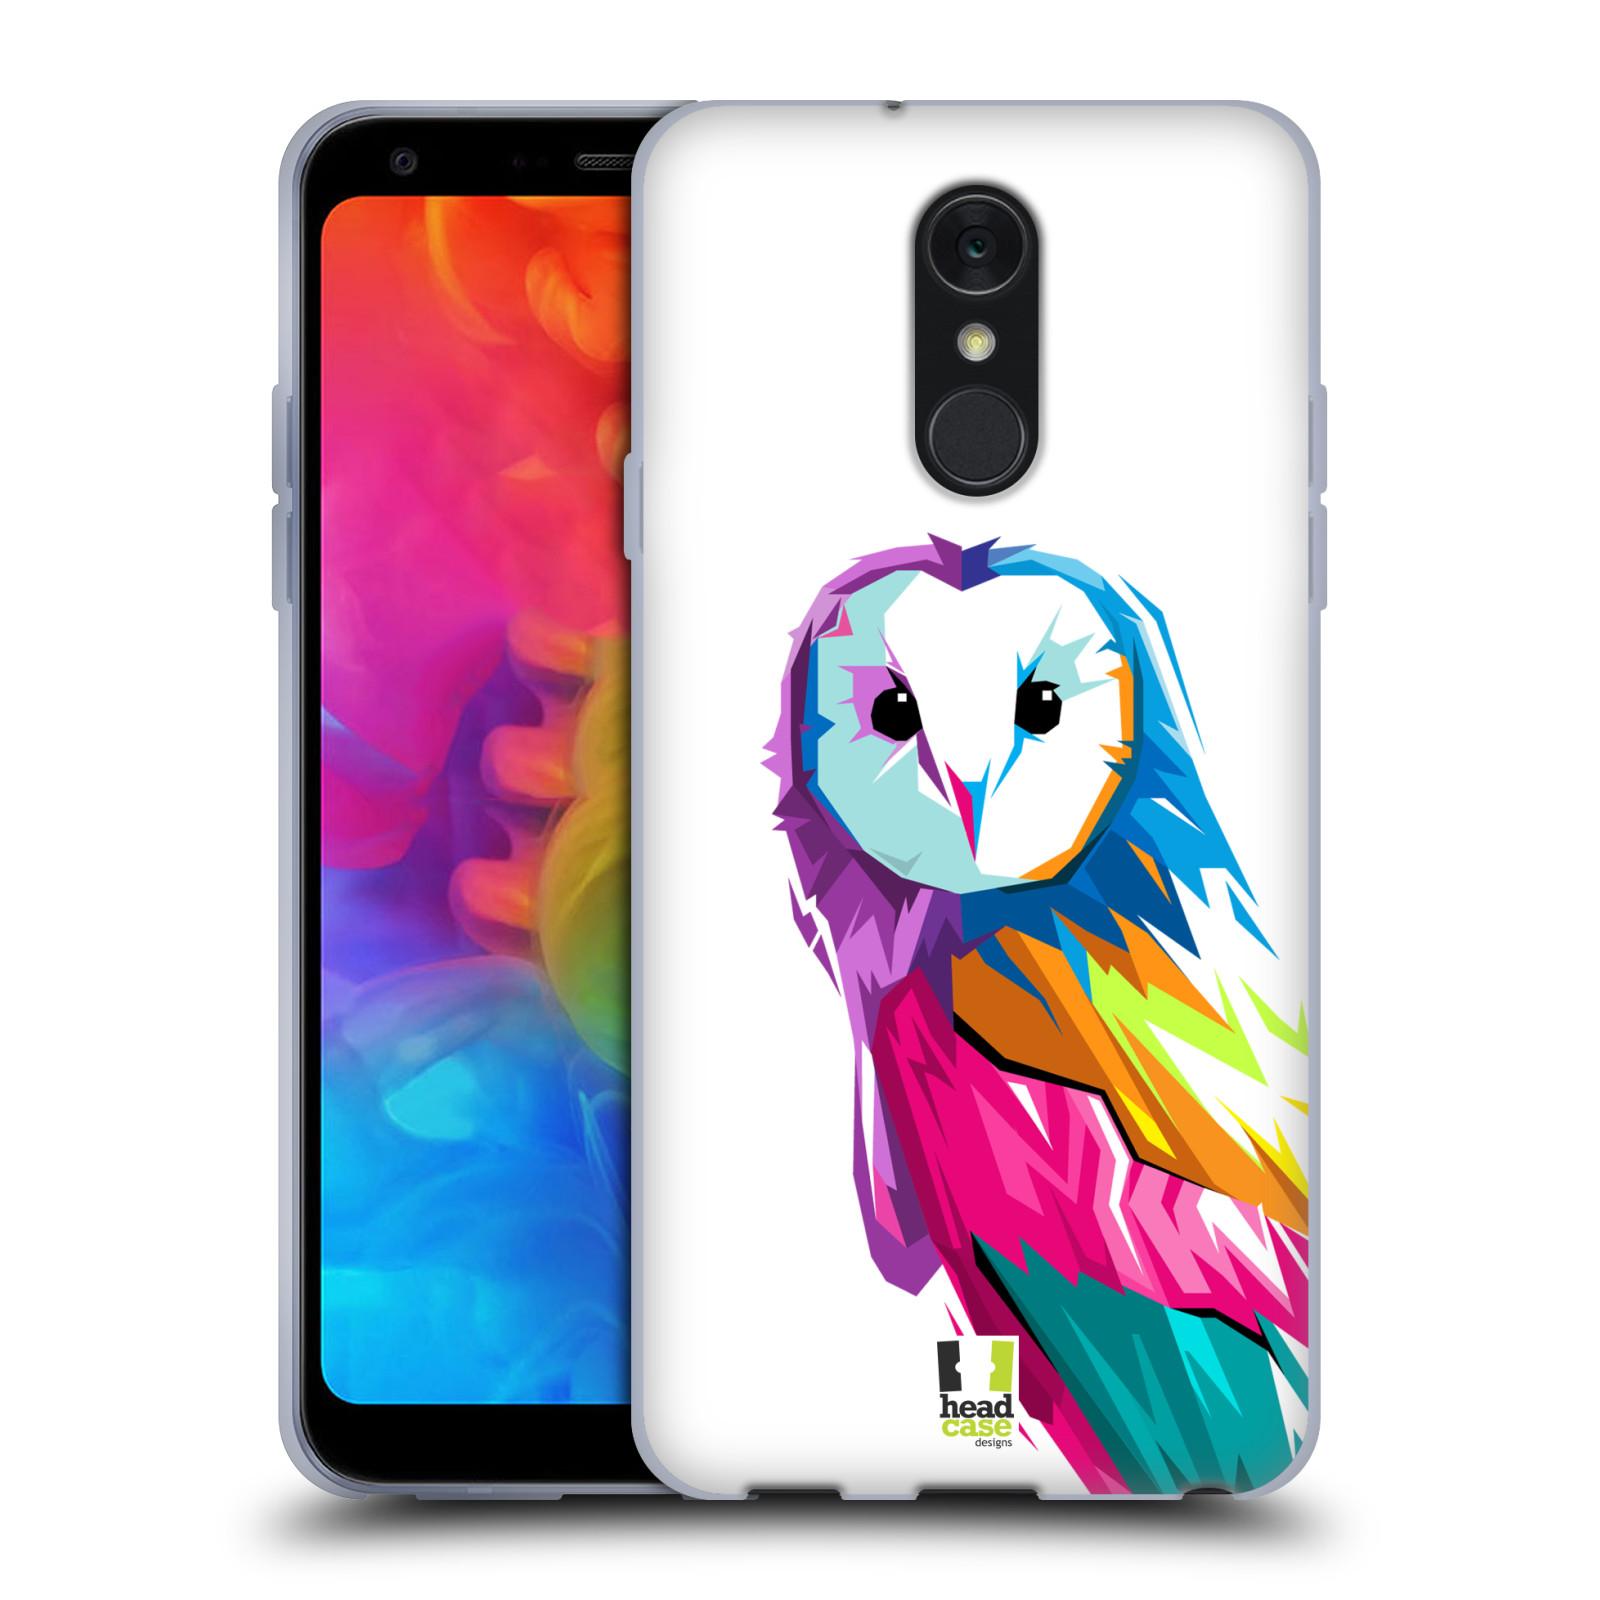 Pouzdro na mobil LG Q7 - HEAD CASE - POP ART kubismus SOVA